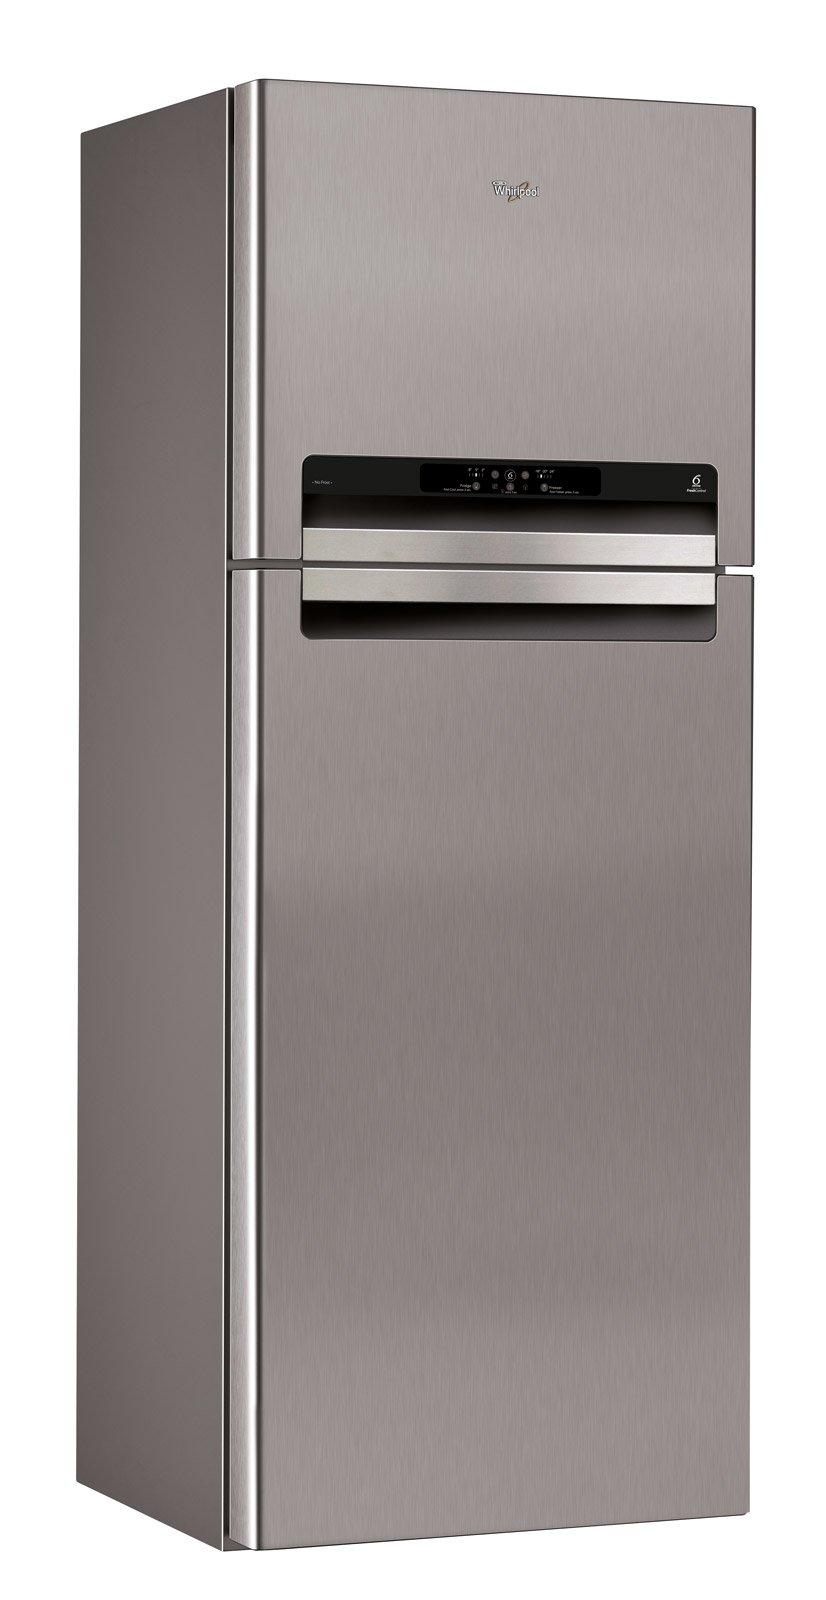 frigoriferi a doppia porta cose di casa On frigoriferi doppia porta classe a